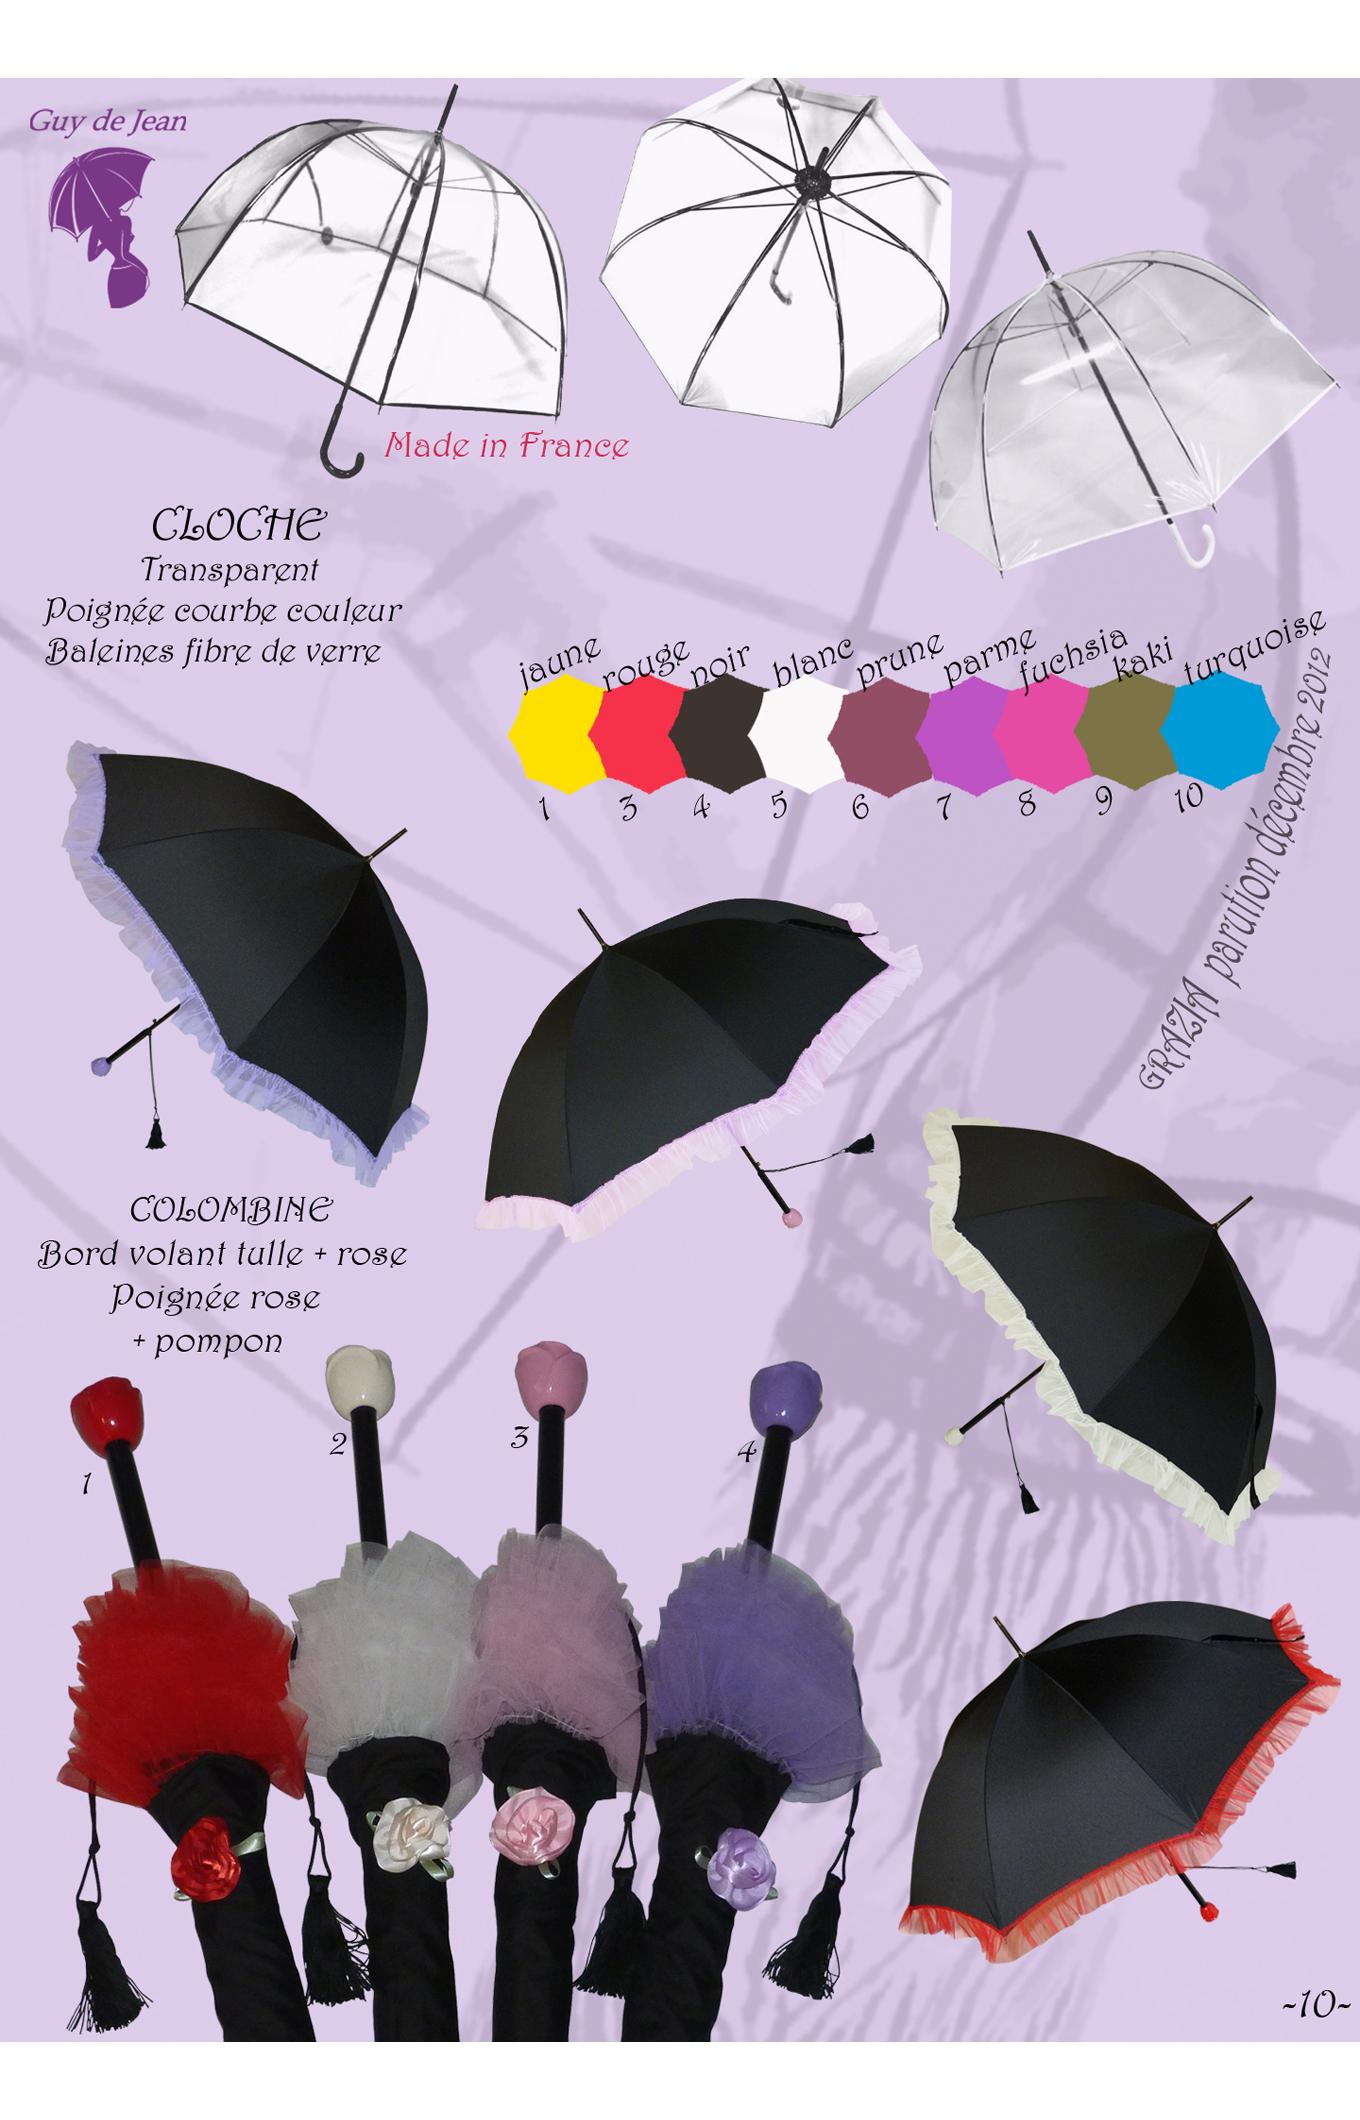 Guy de Jean <br>Umbrella 15